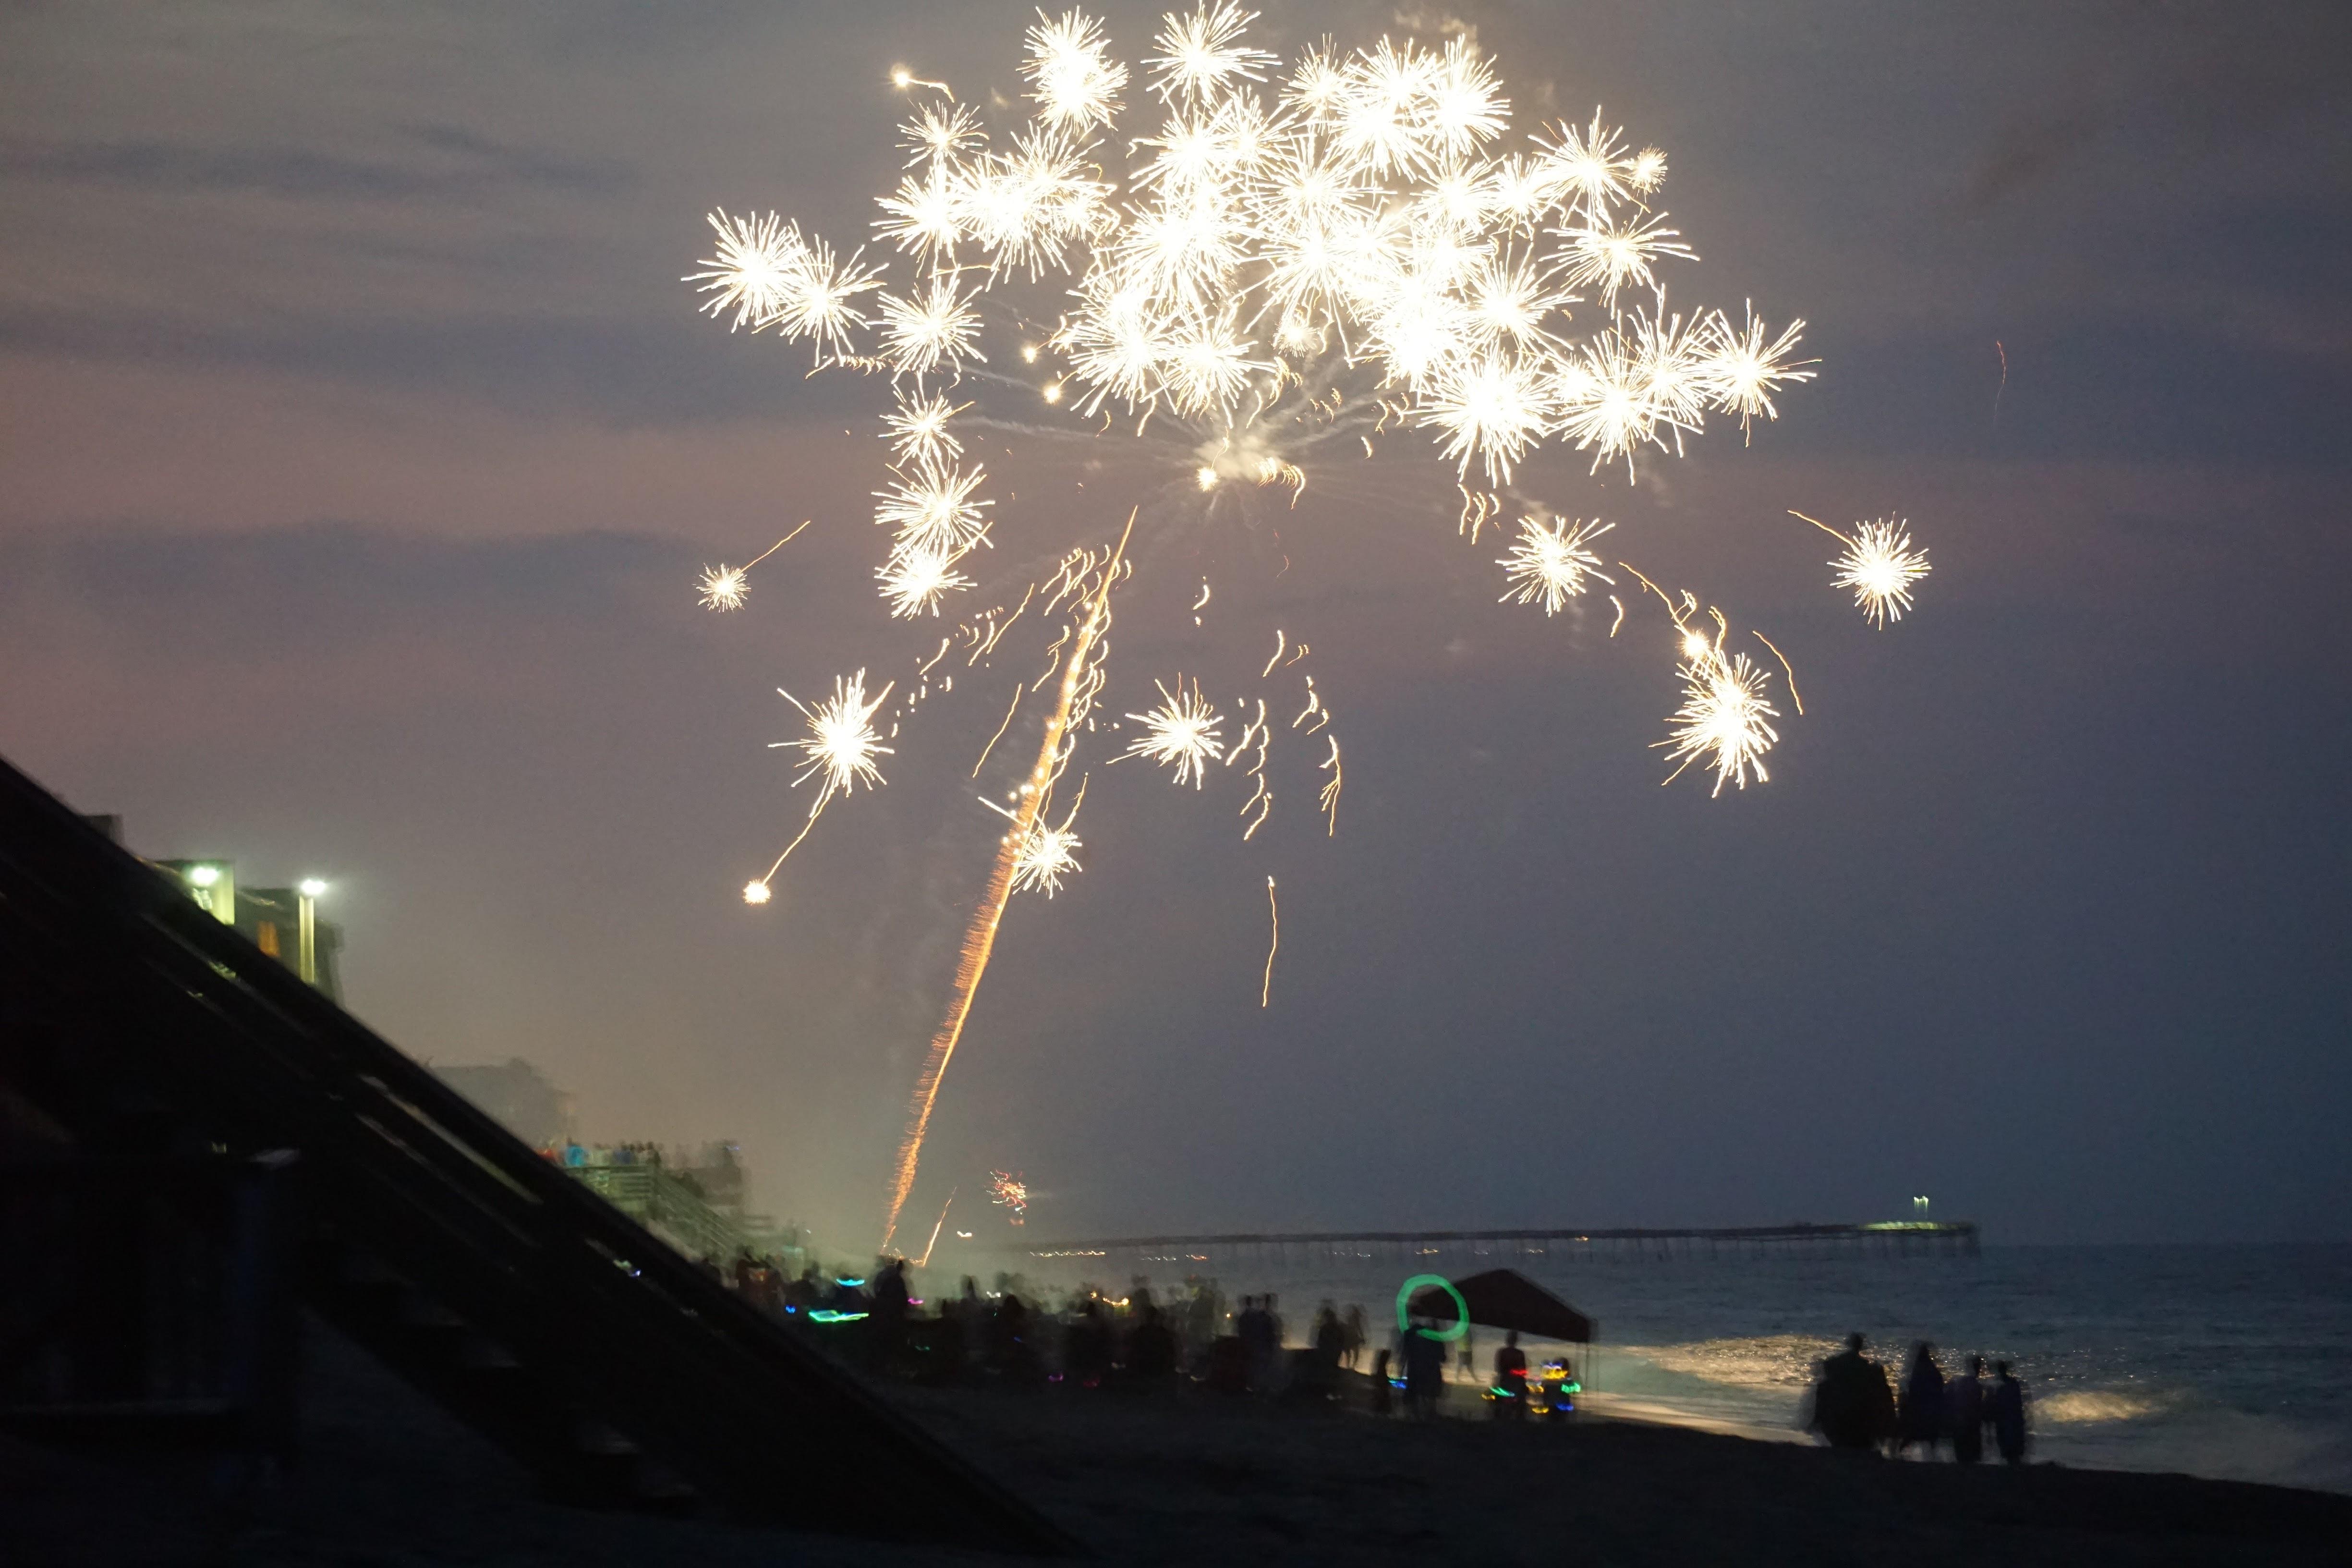 White Beach Fireworks, Beach, Bright, Celebrate, Fire, HQ Photo